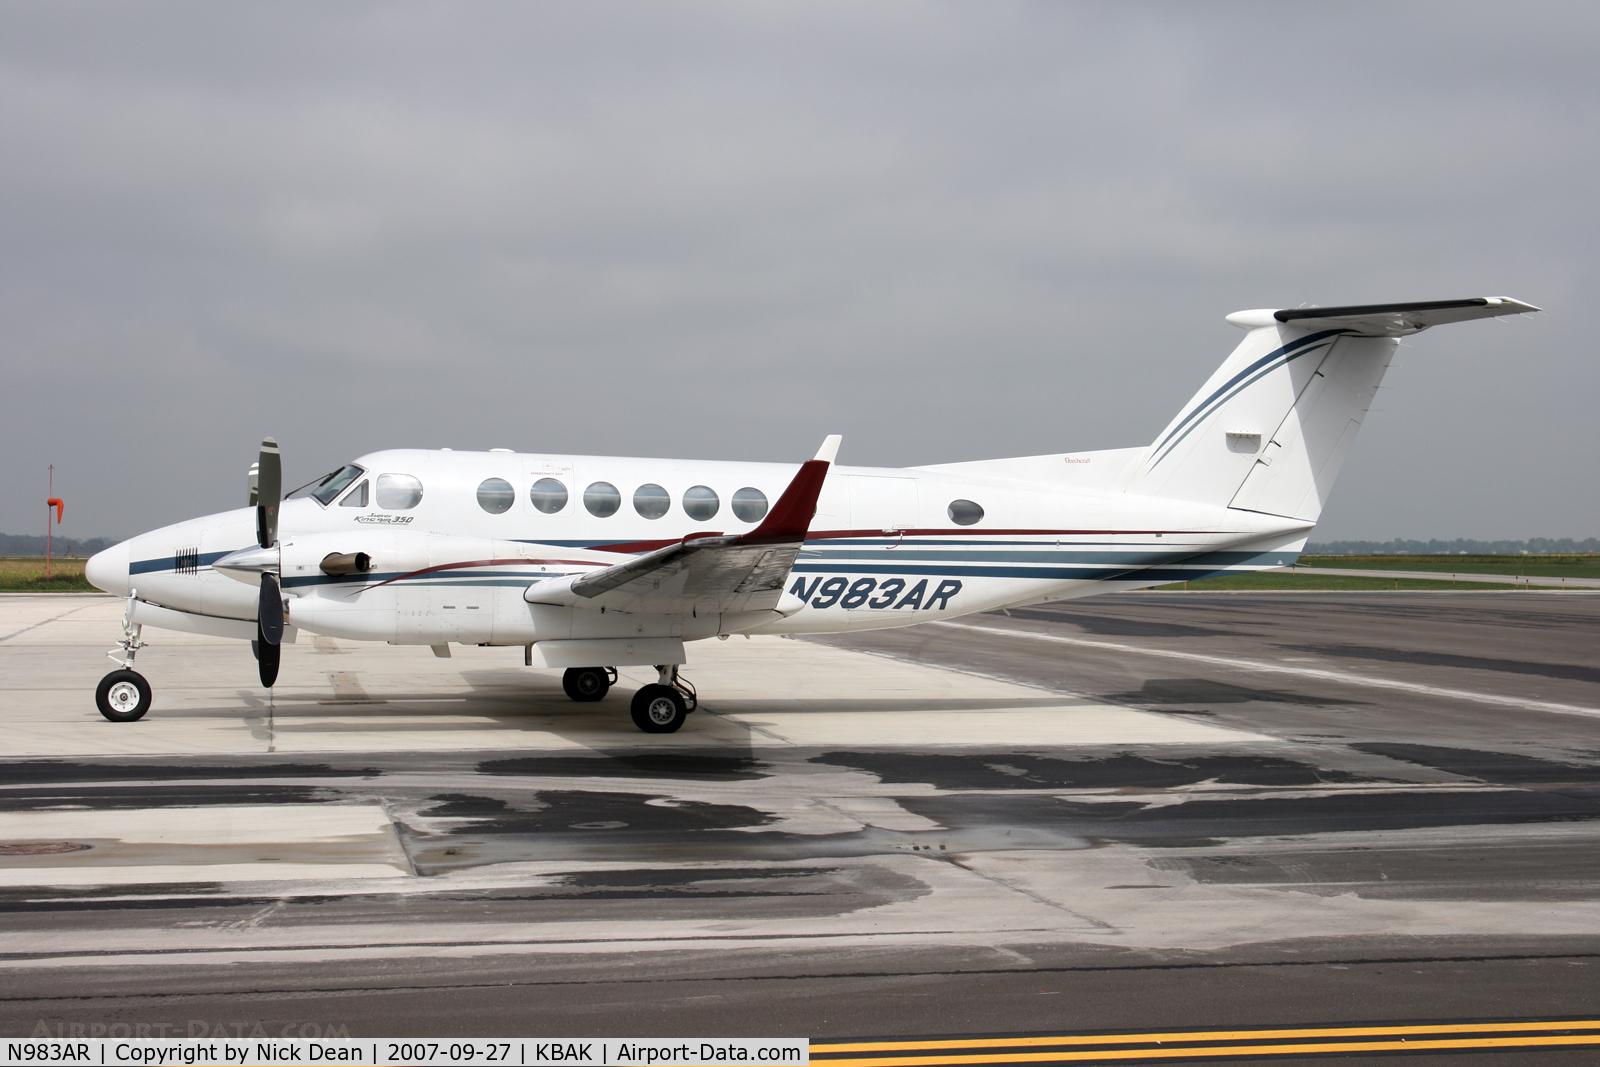 N983AR, 1999 Raytheon Aircraft Company B300 C/N FL-242, KBAK